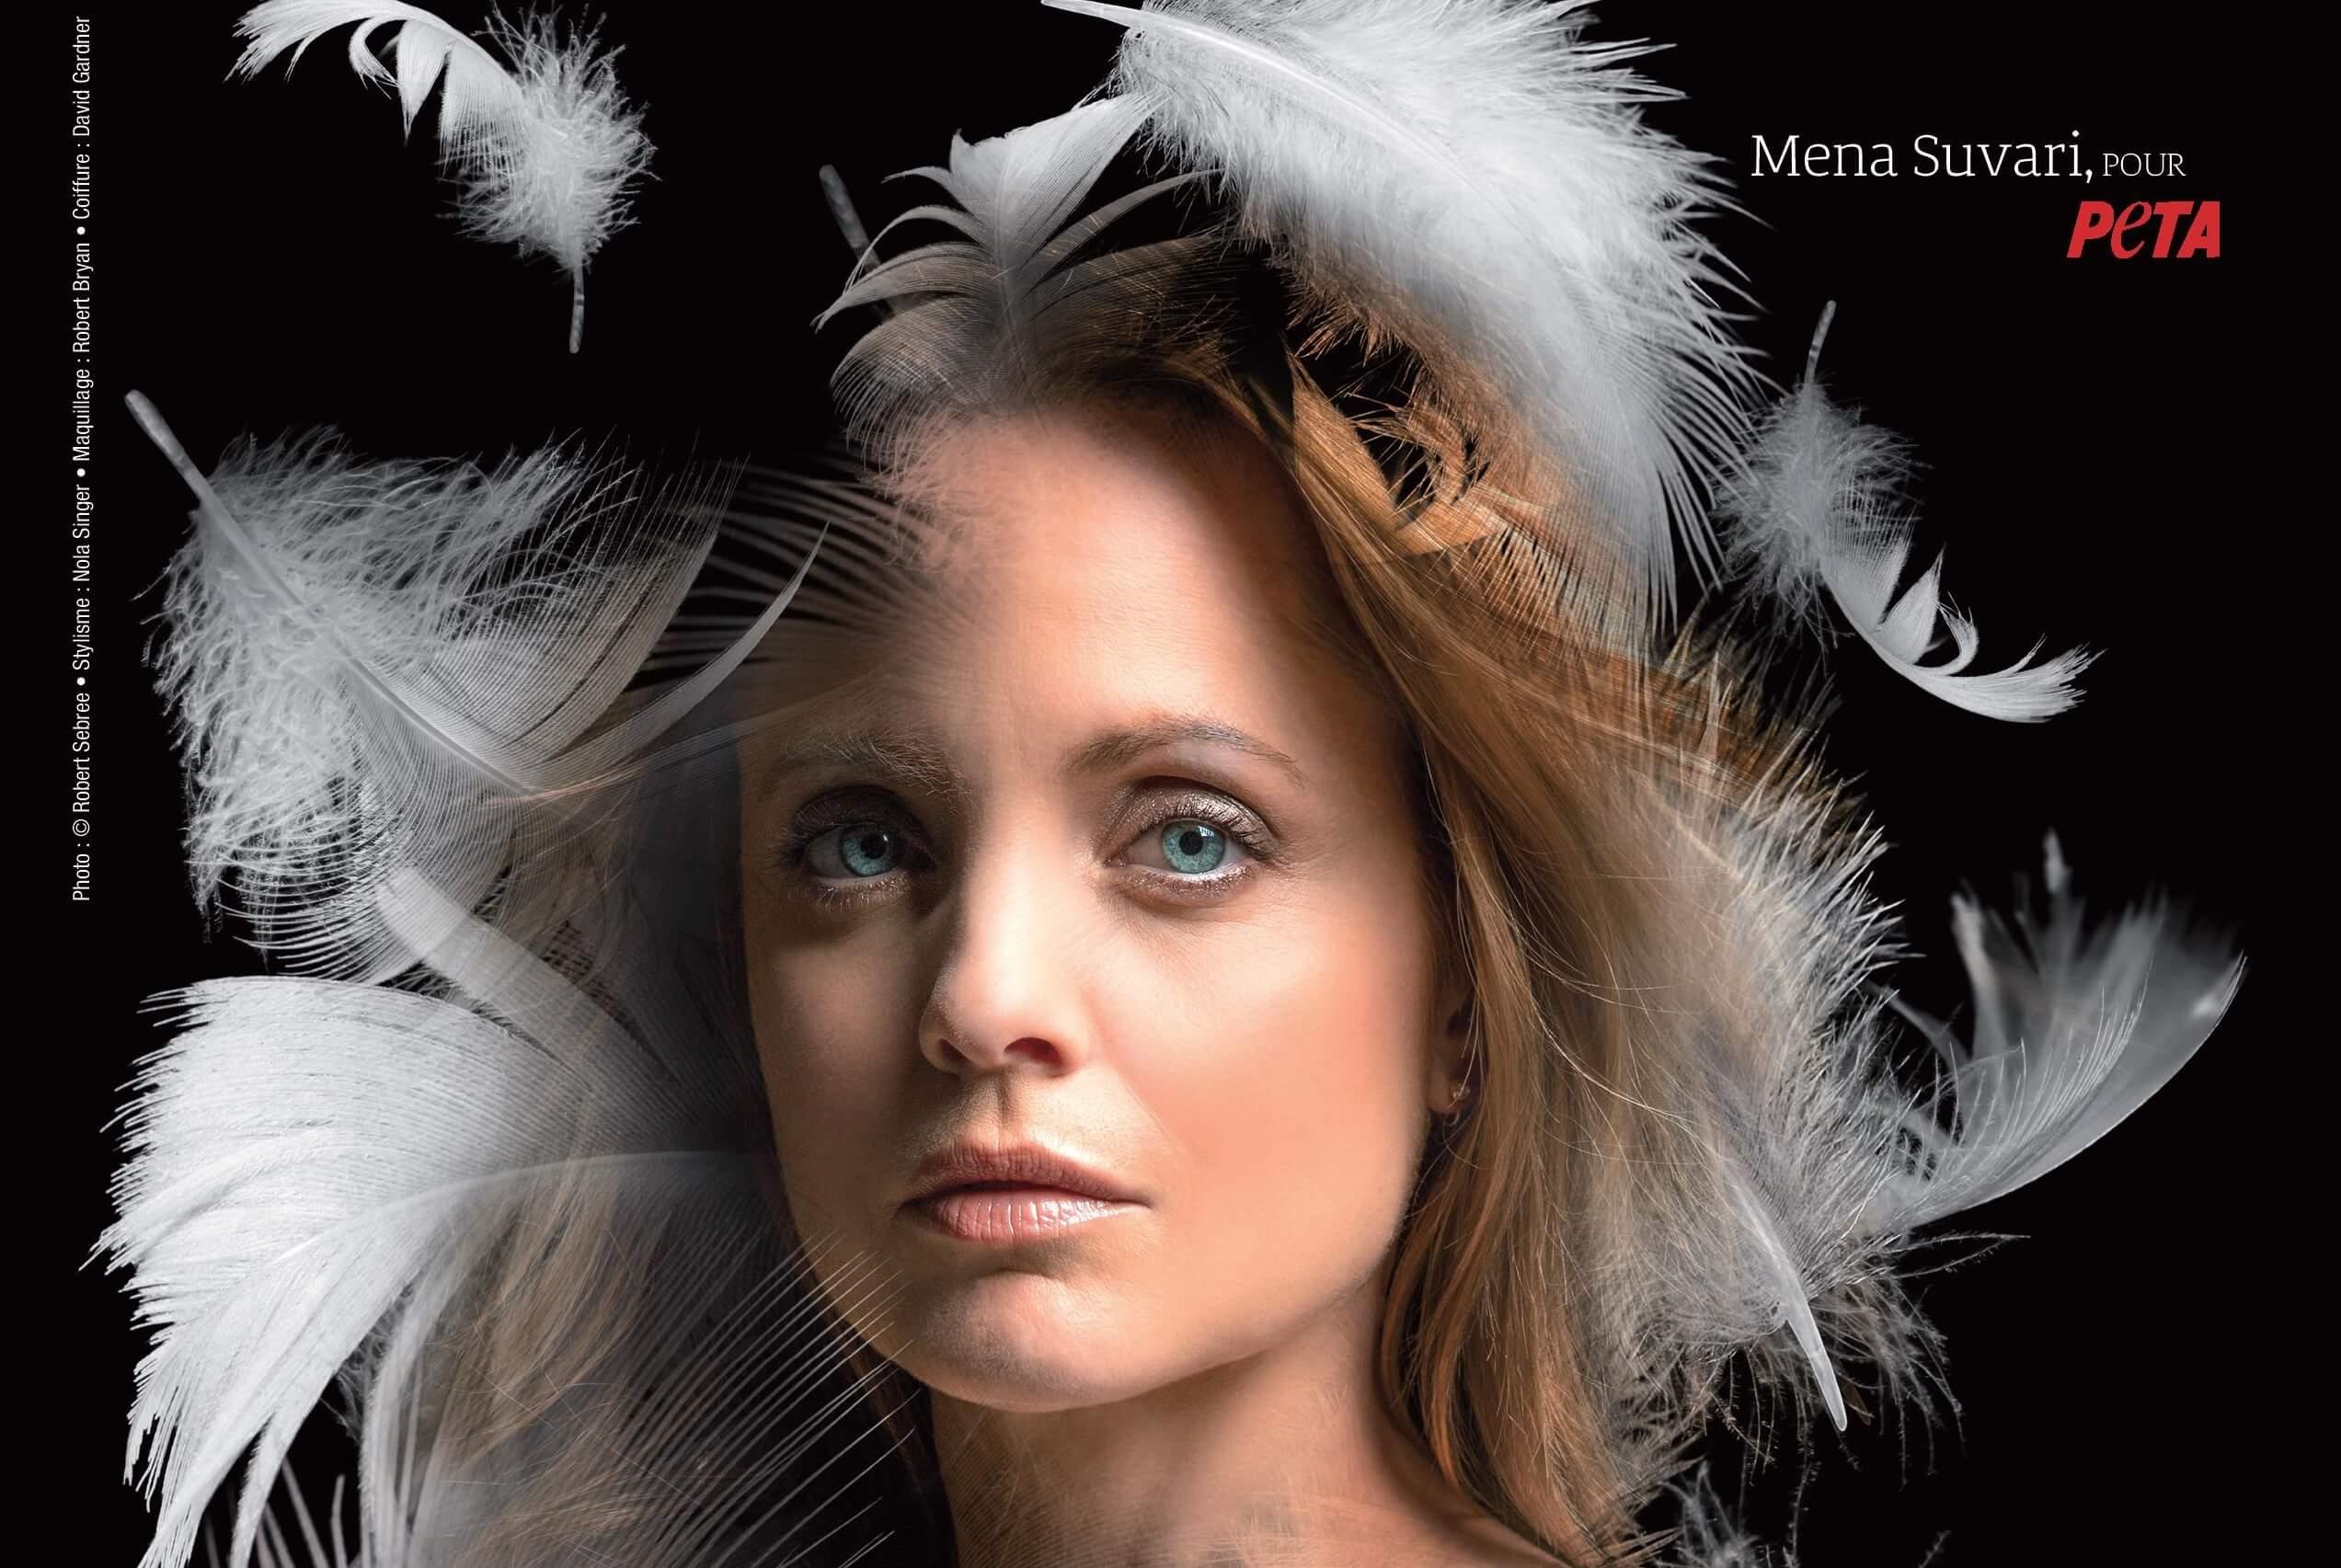 Mena Suvari dénonce la cruelle industrie du duvet